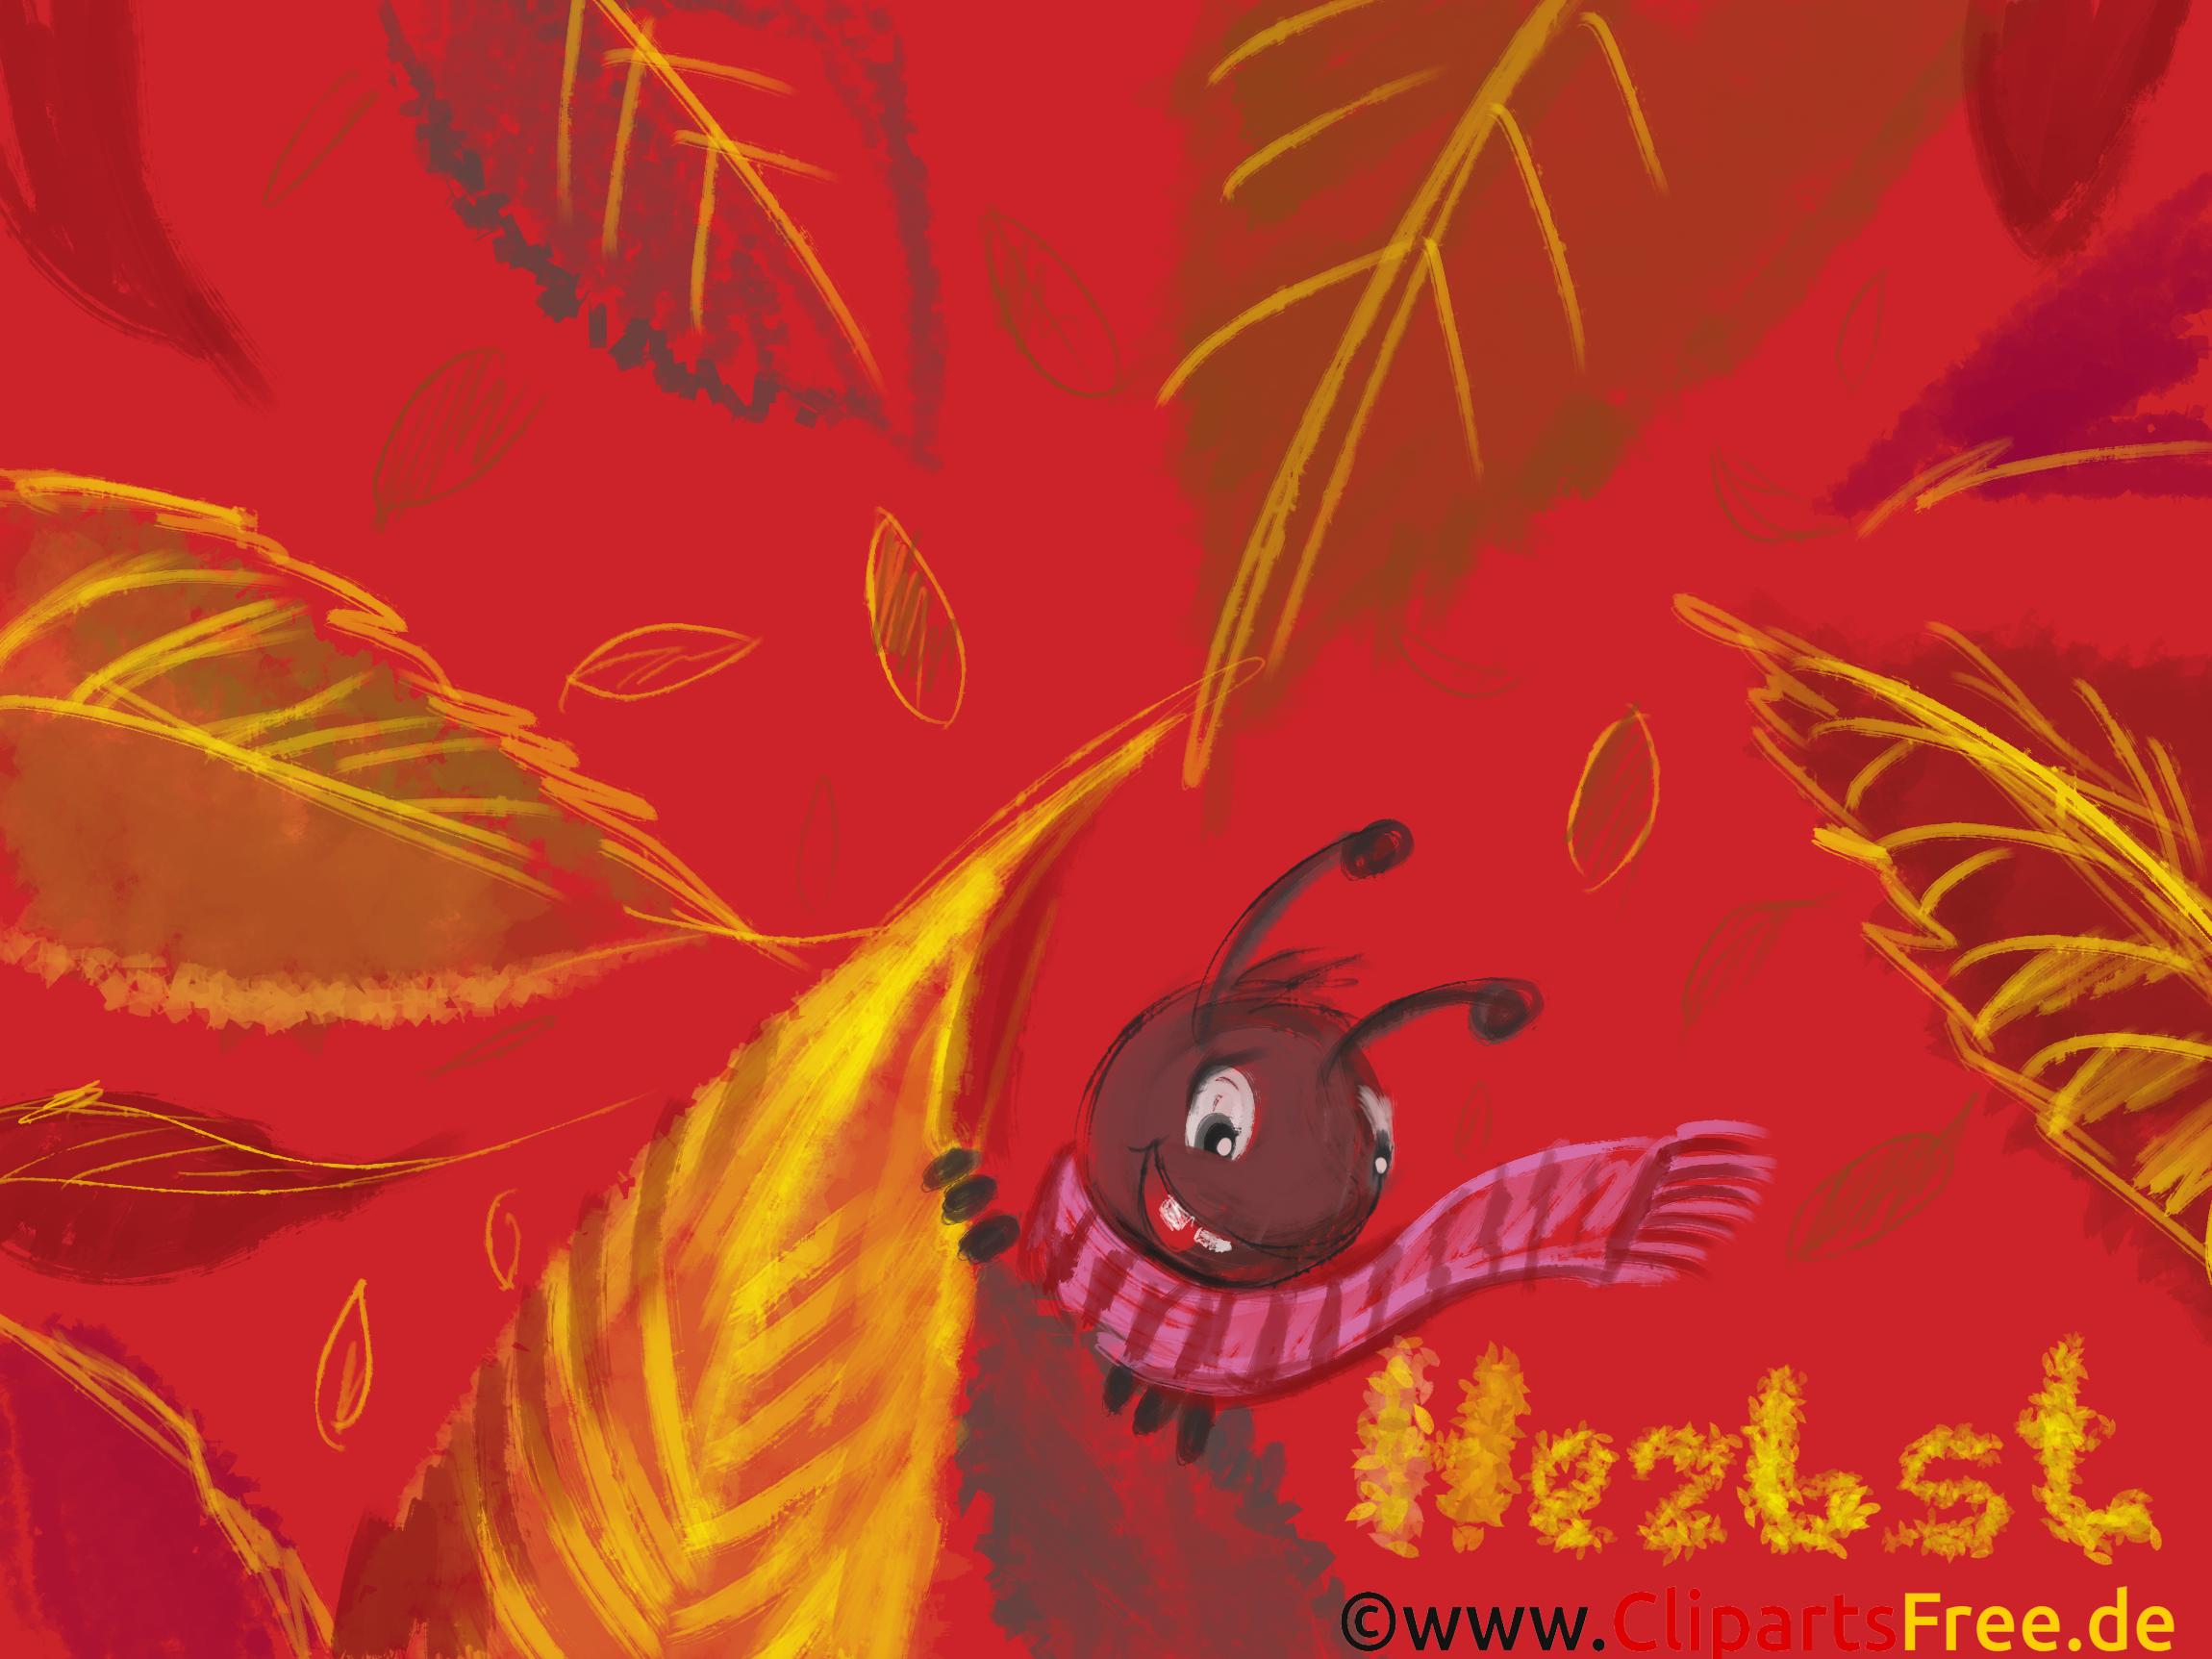 Schönes Hintergrundbild Ameise, Rote Blätter, Herbst